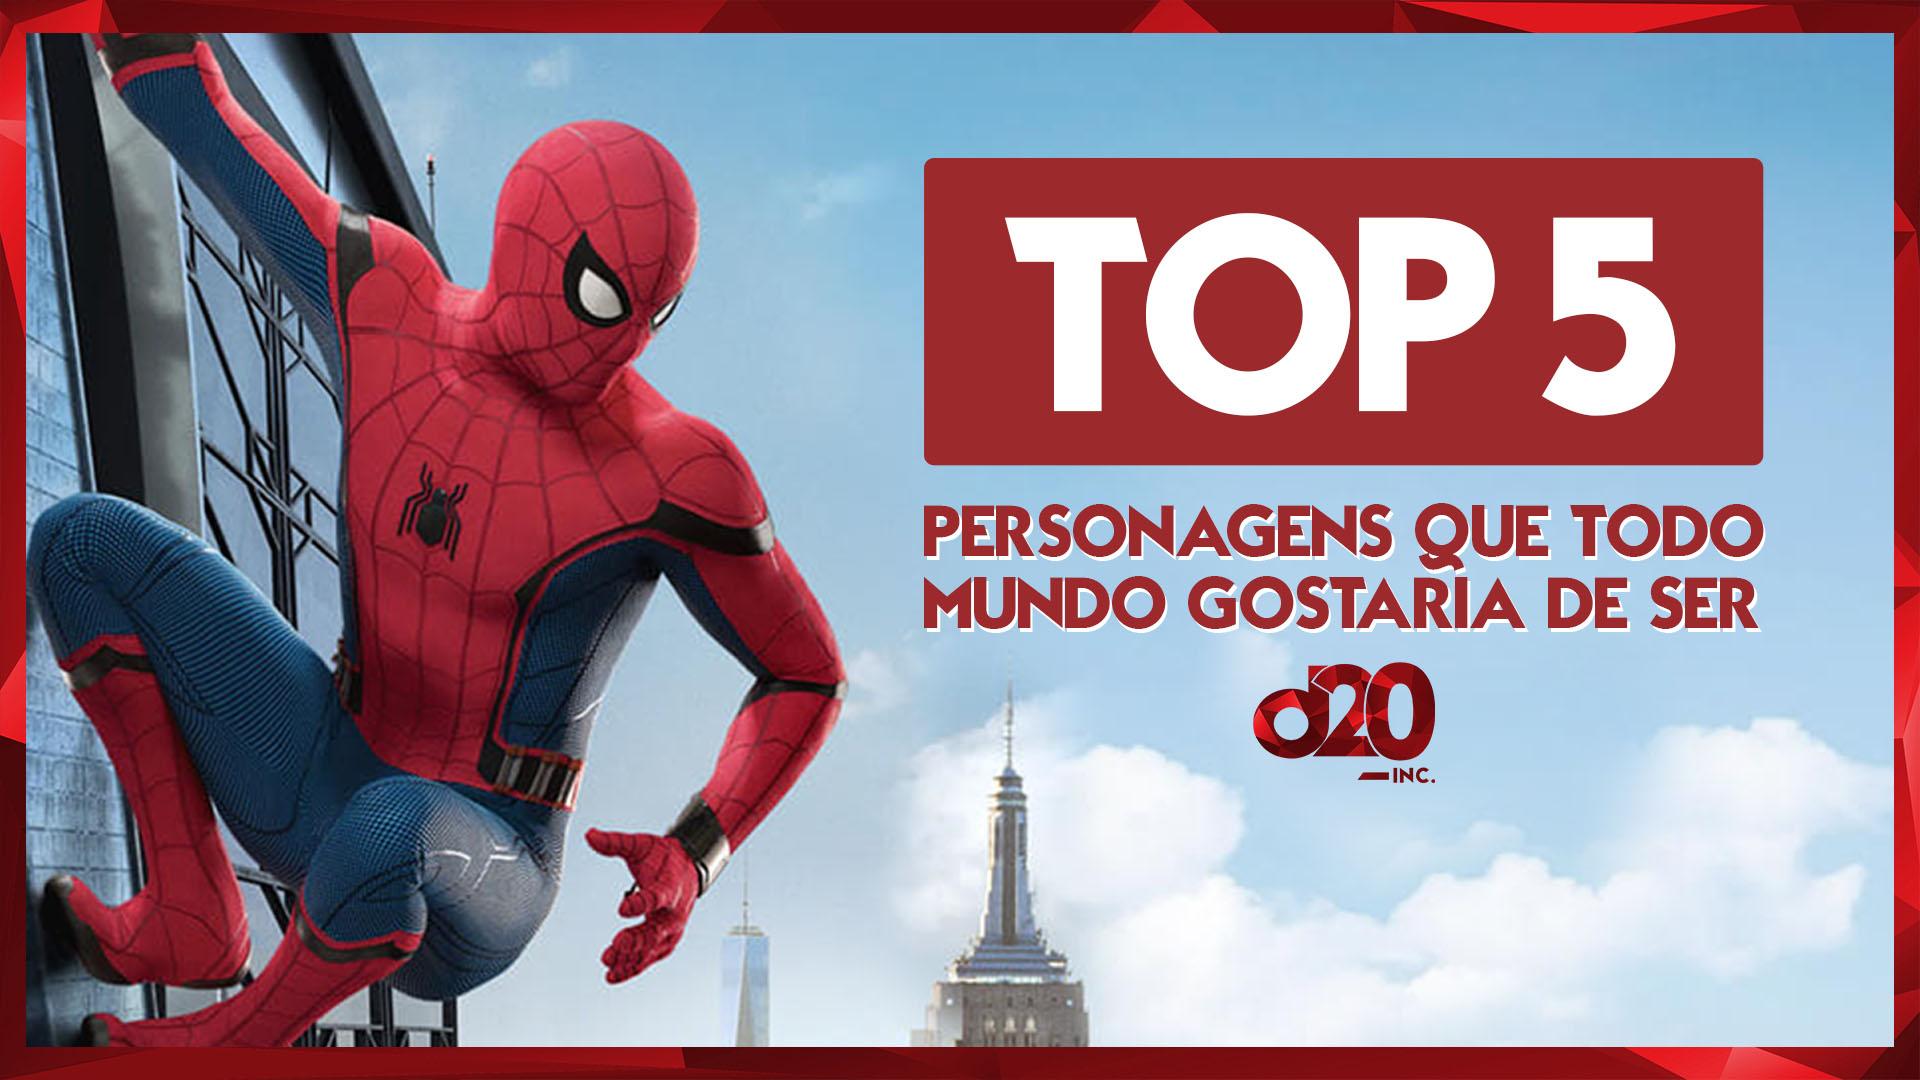 TOP 5: Personagens que todo mundo queria ser | D20 Lab 62